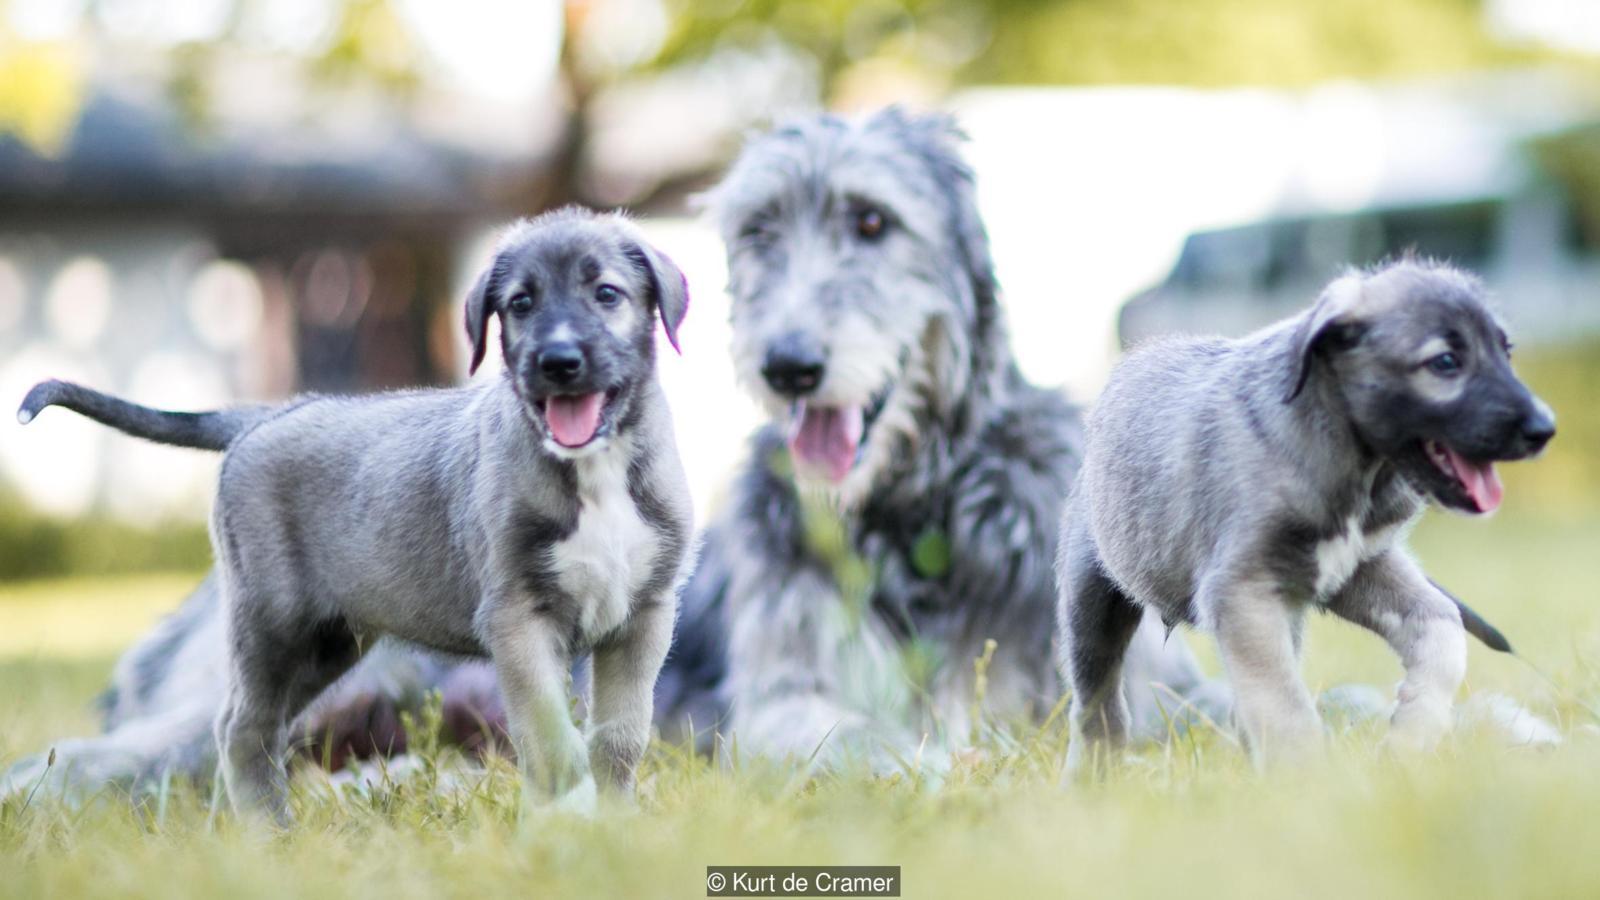 Confirmado primeiro nascimento de Cães Gêmeos idênticos na história